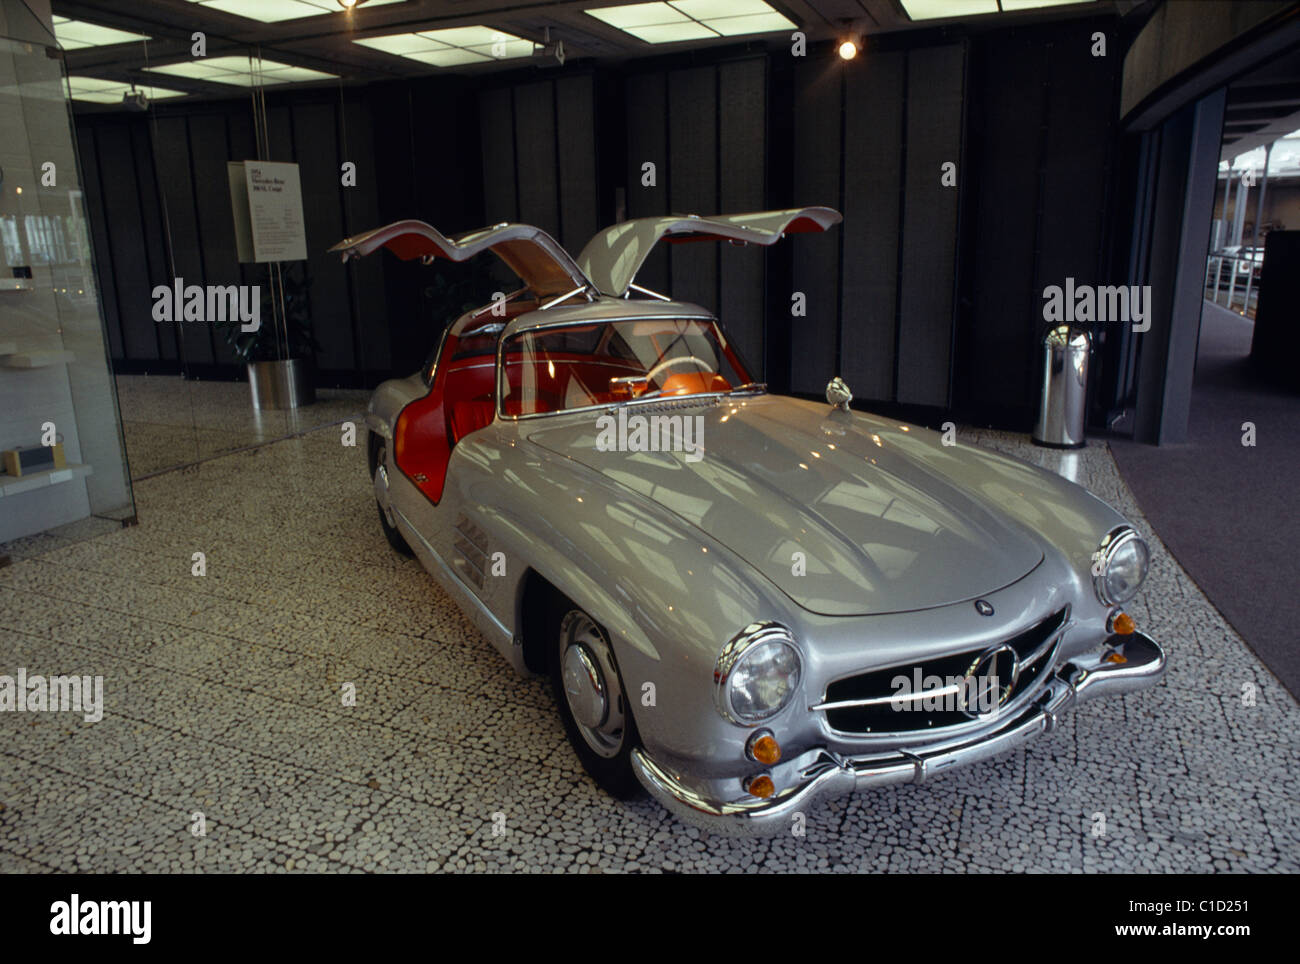 Daimler Benz Museum Stock Photos Daimler Benz Museum Stock Images